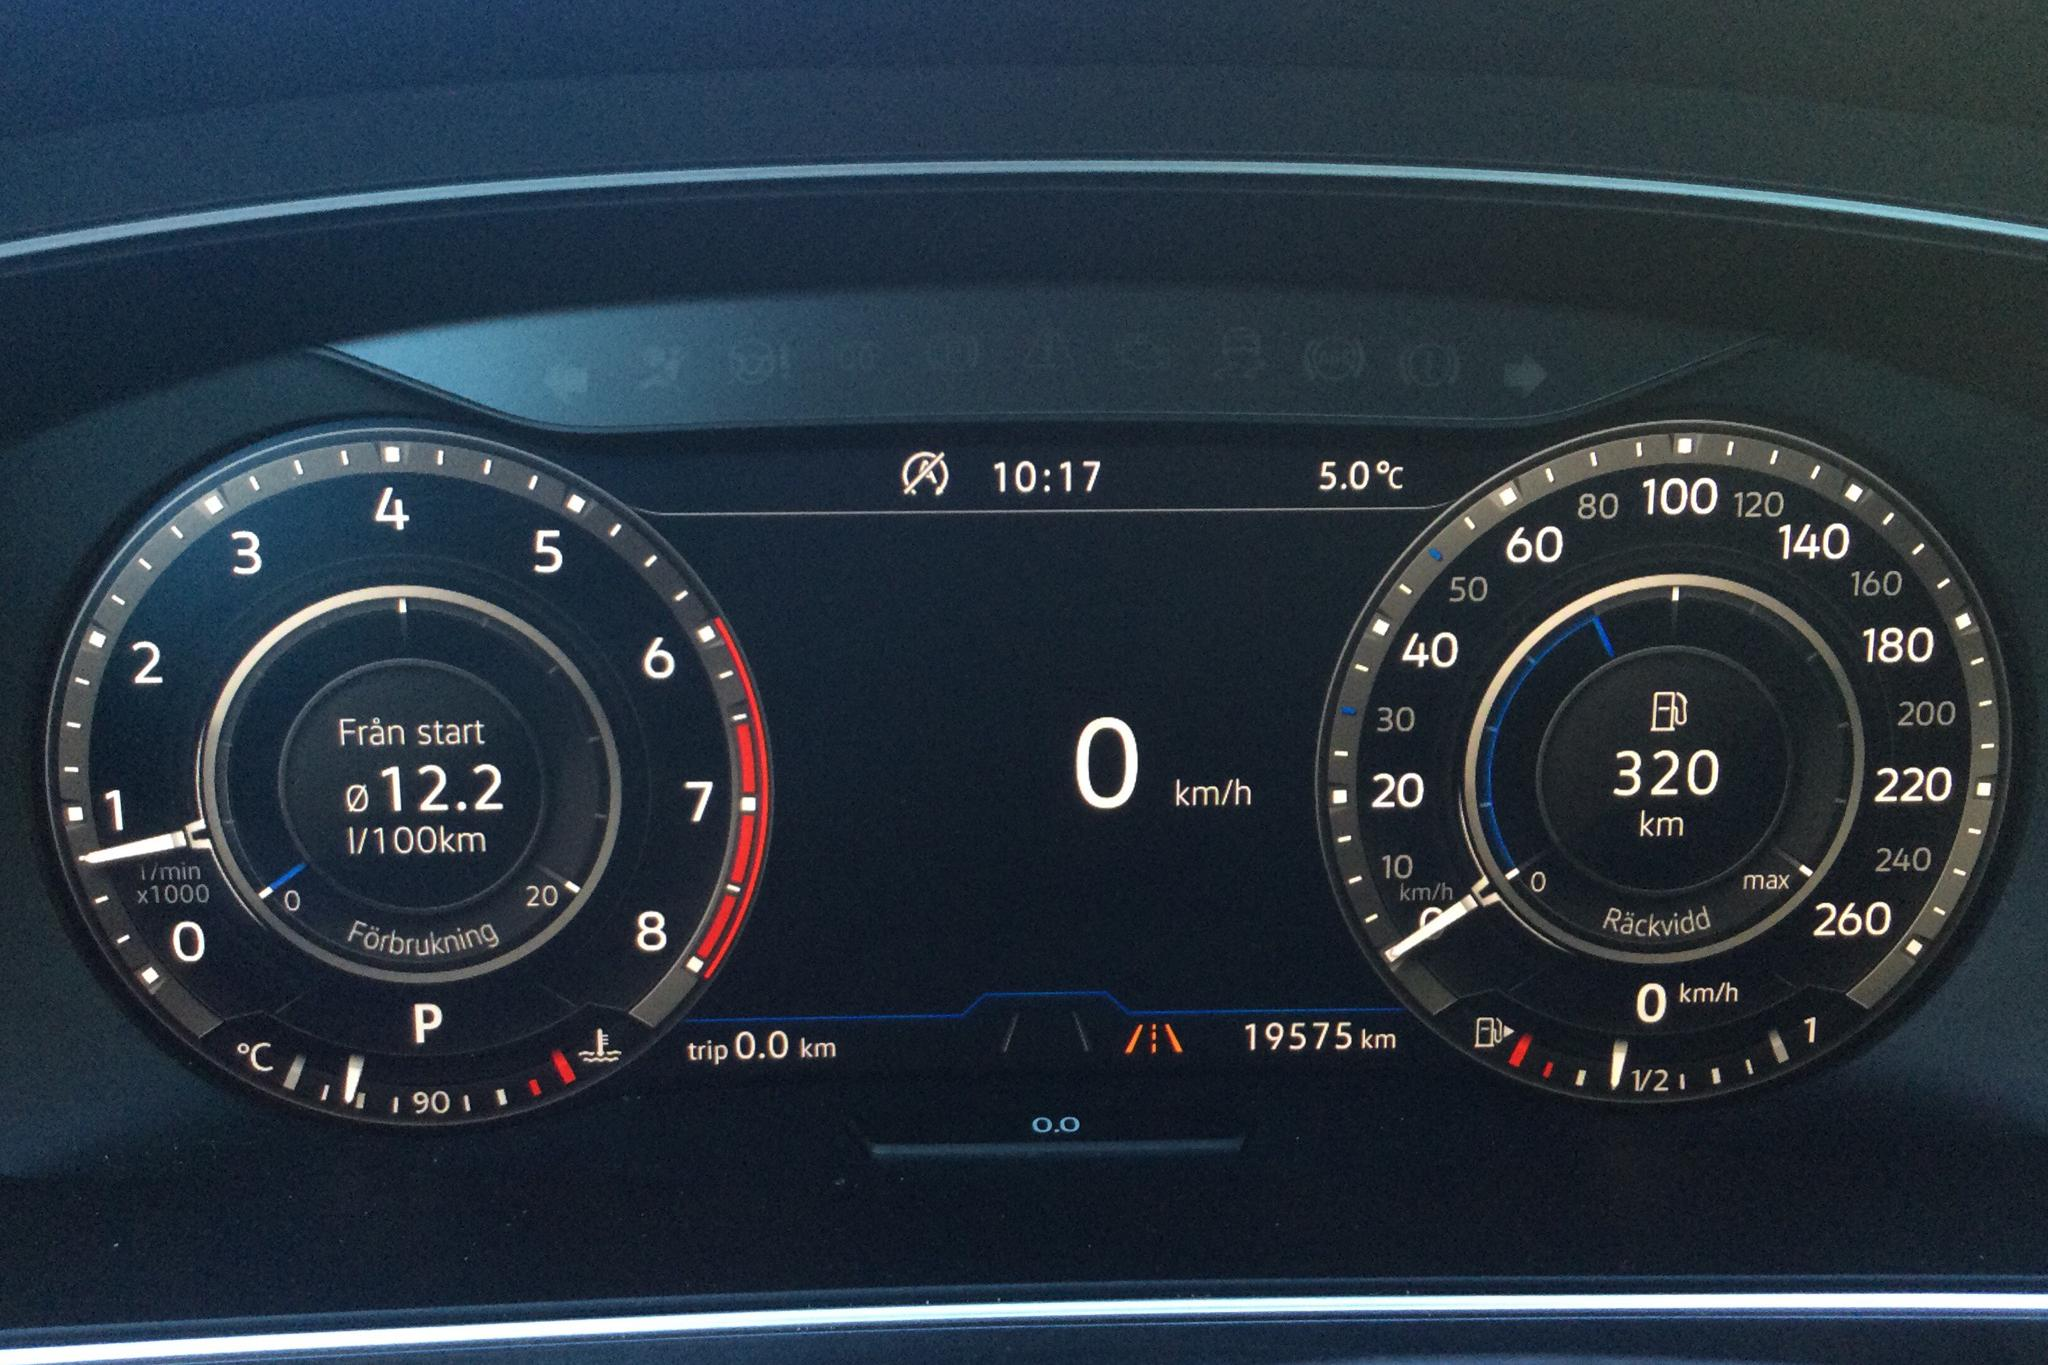 VW Tiguan 1.4 TSI 4MOTION (150hk) - 19 570 km - Automatic - white - 2018